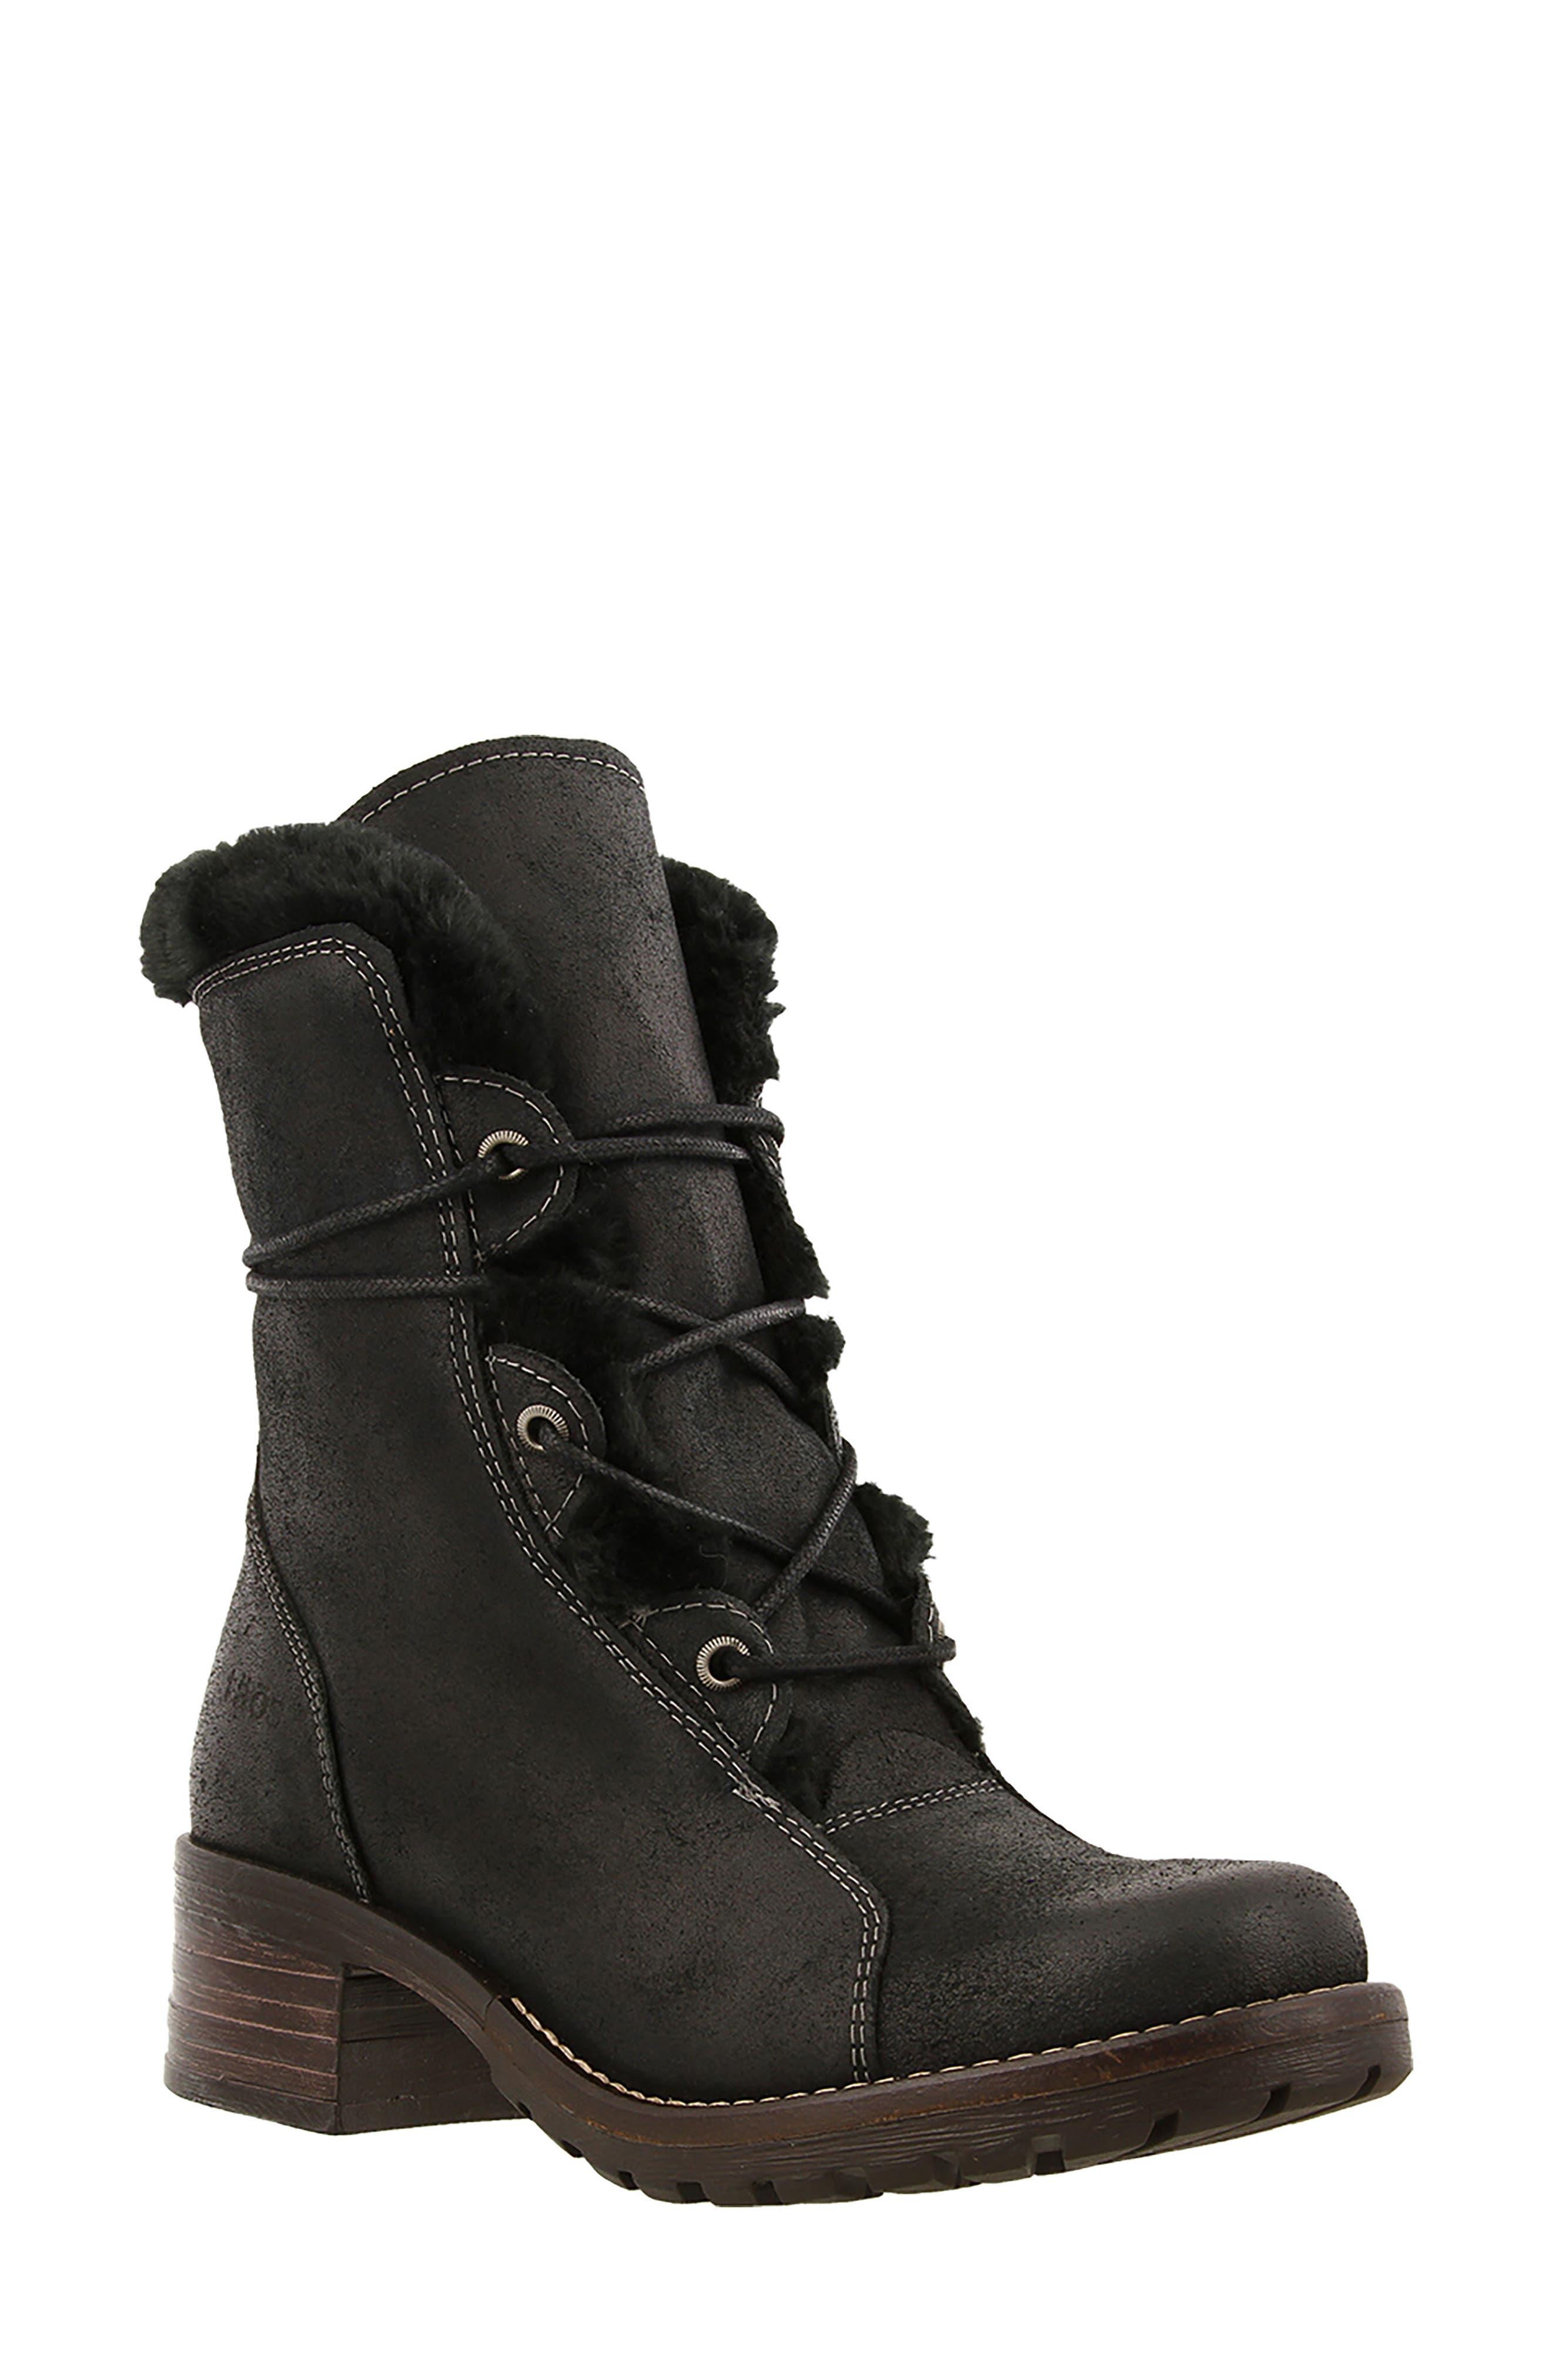 Furkle Boot with Faux Fur Trim,                             Main thumbnail 1, color,                             002